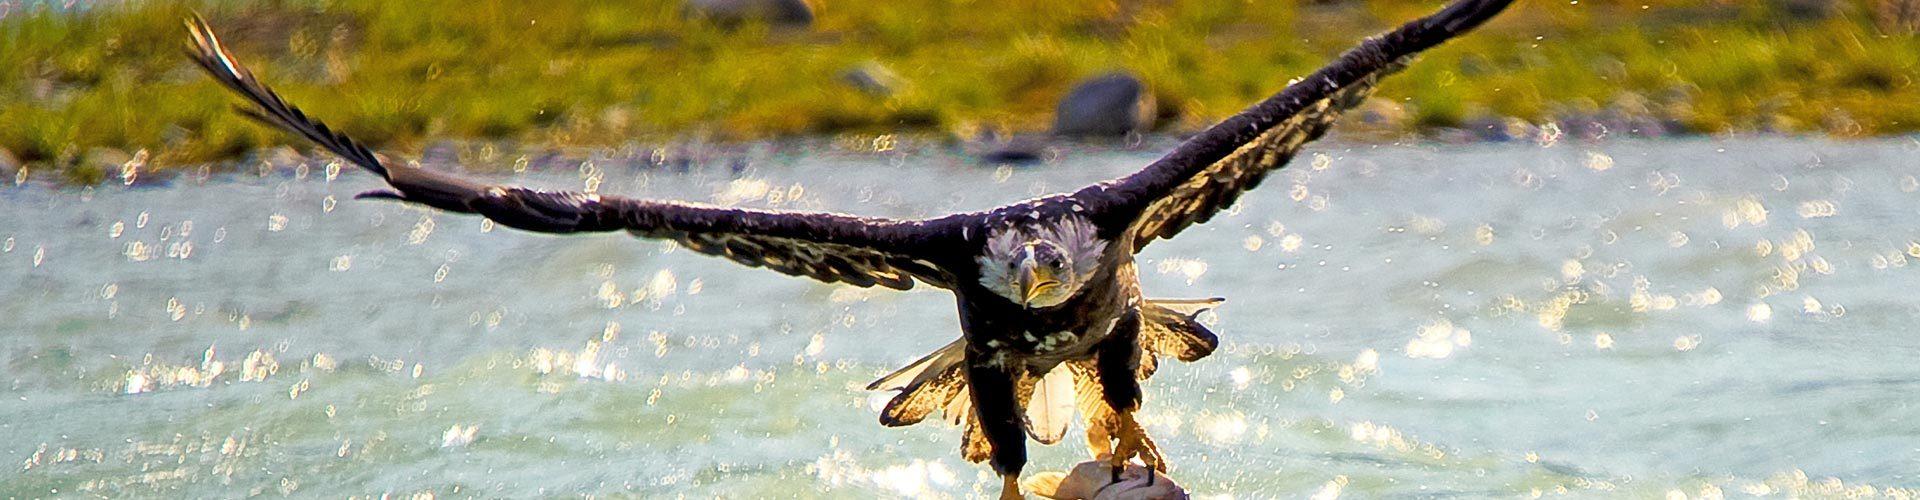 Adler mit Beute im Wrangell St. Elias National Park